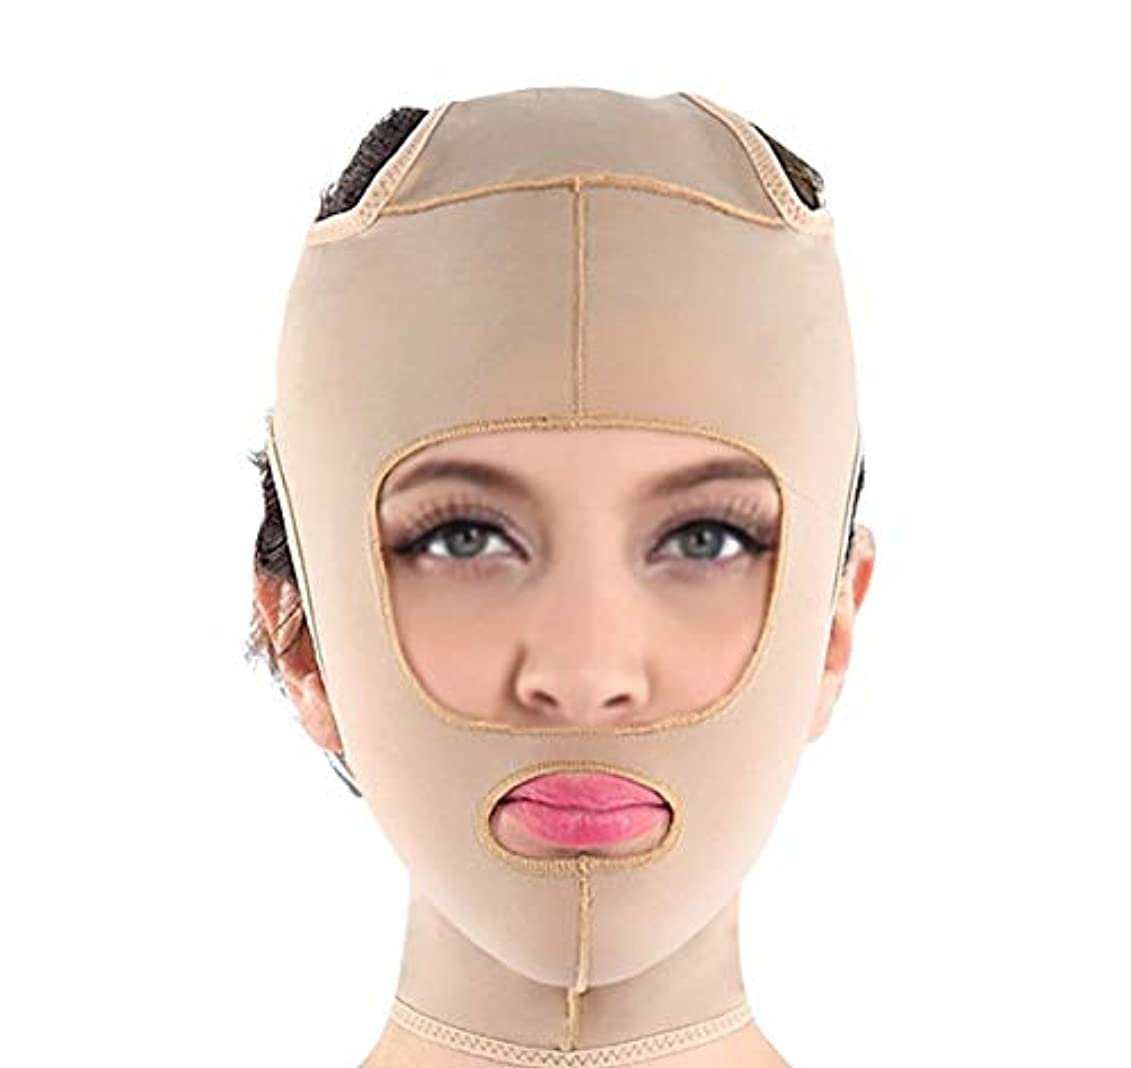 XHLMRMJ 顔に肌をより堅く保つためのフェイスリフティングマスク、V字型の顔の形、超薄型の通気性、調節可能で快適な着用 (Size : L)